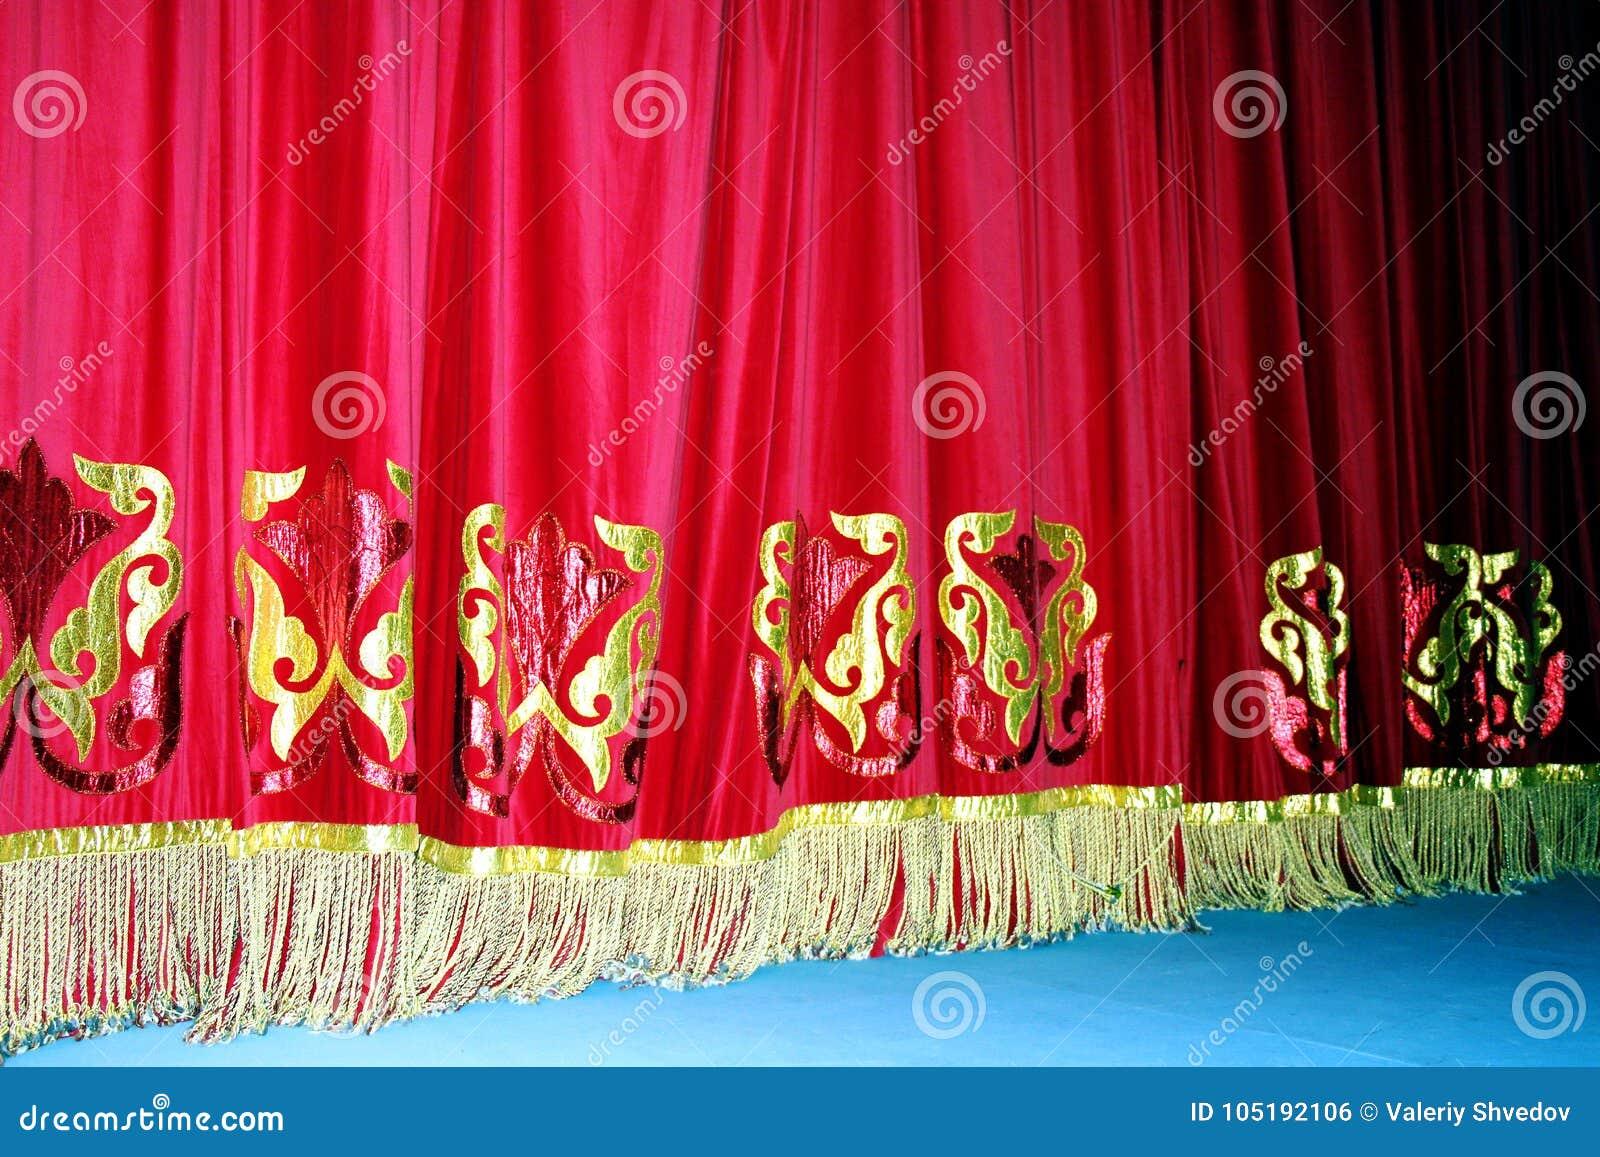 Θεατρική κόκκινη κουρτίνα βελούδου με το χρυσό υπόβαθρο σχεδίων